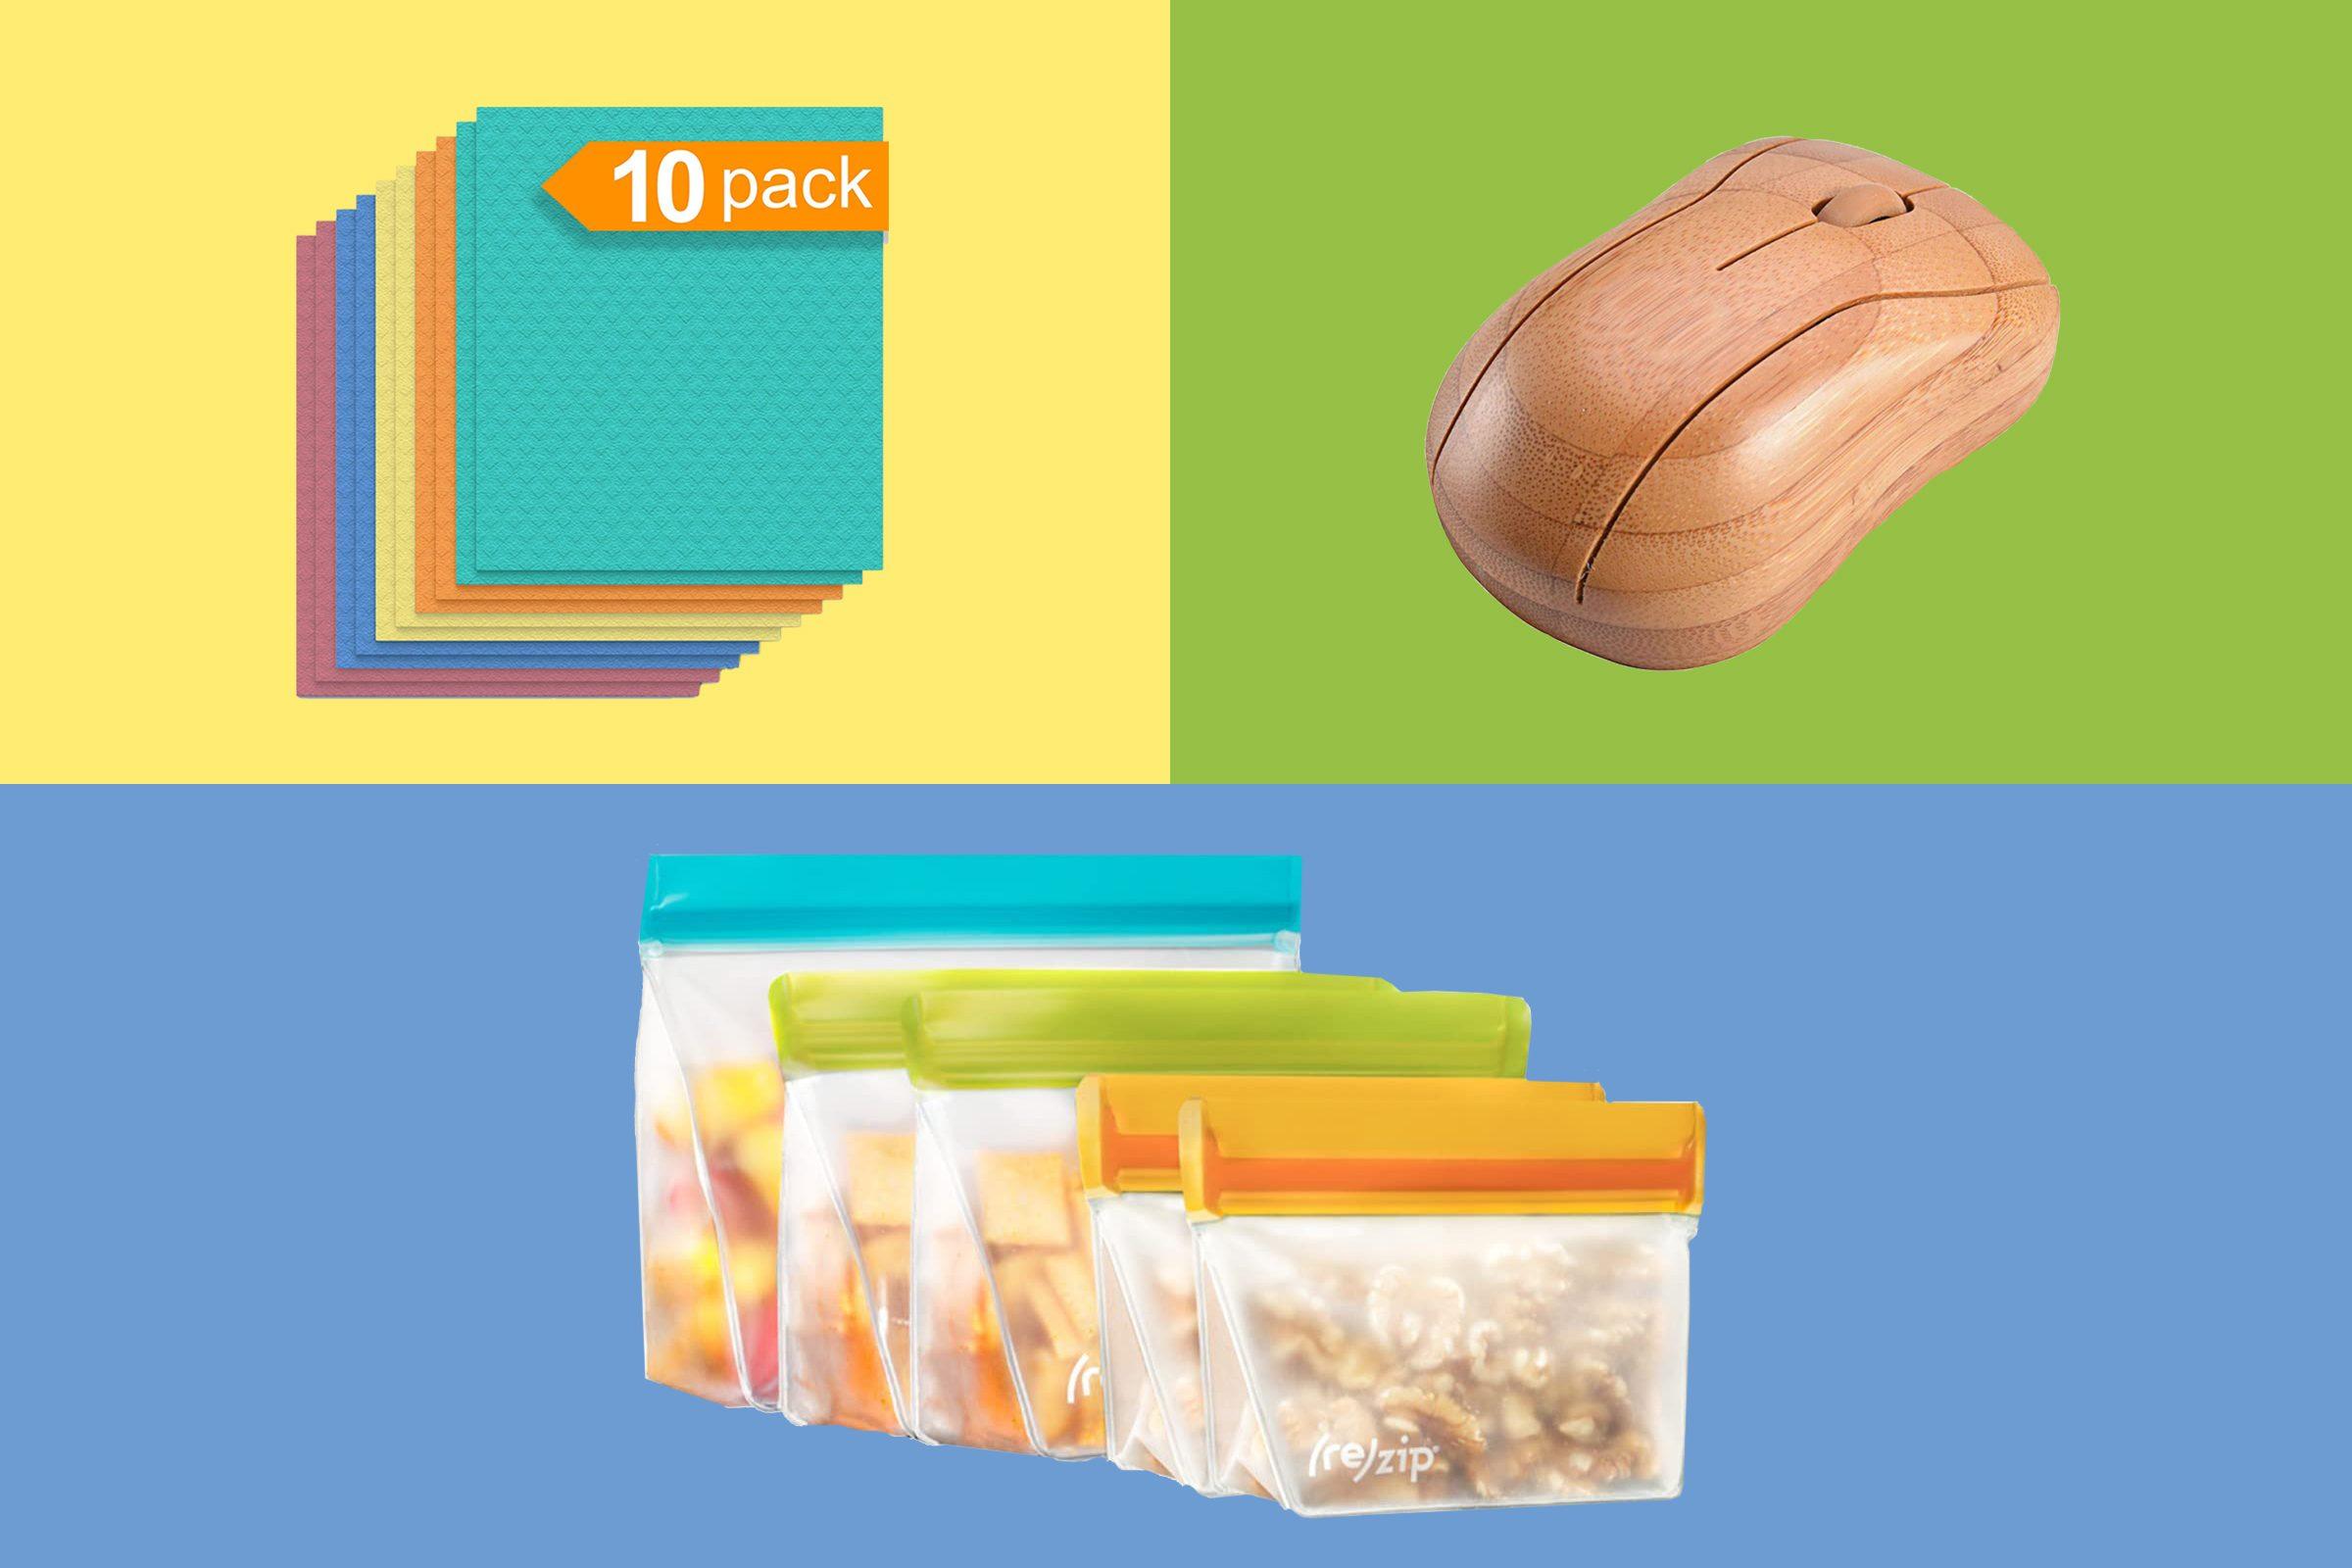 reusable goods